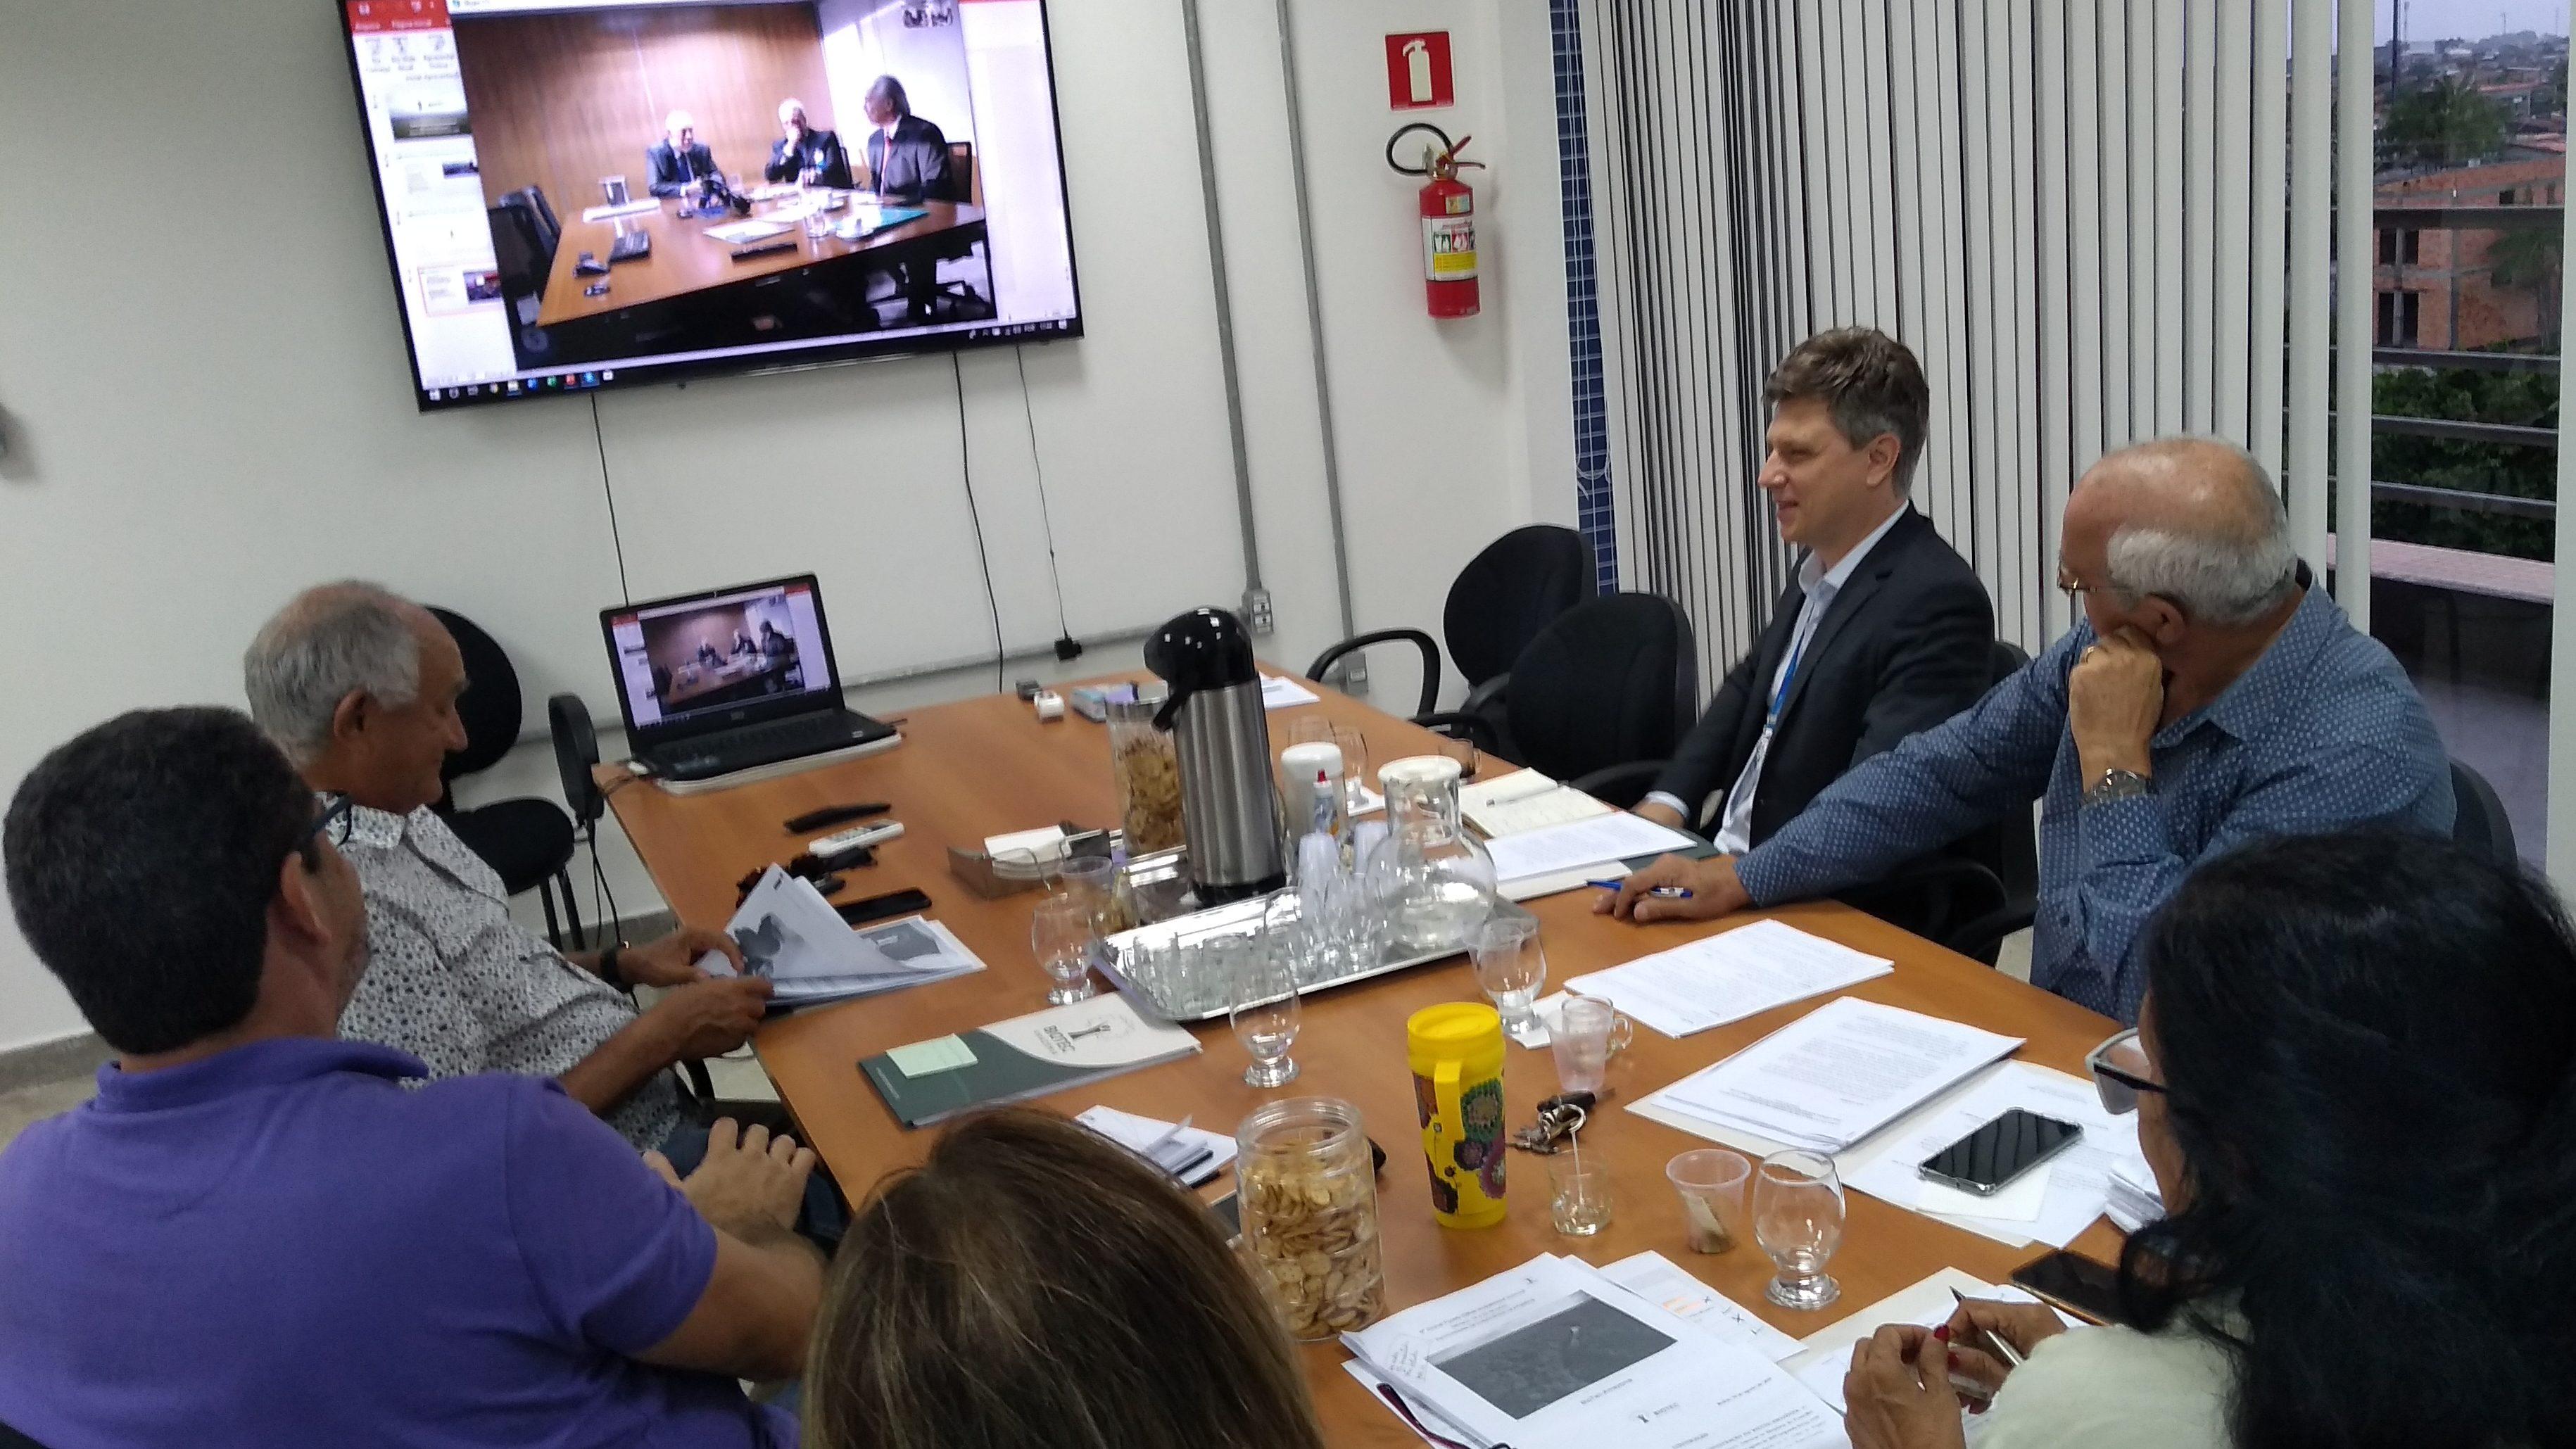 BioTec realiza reunião do Conselho de Administração